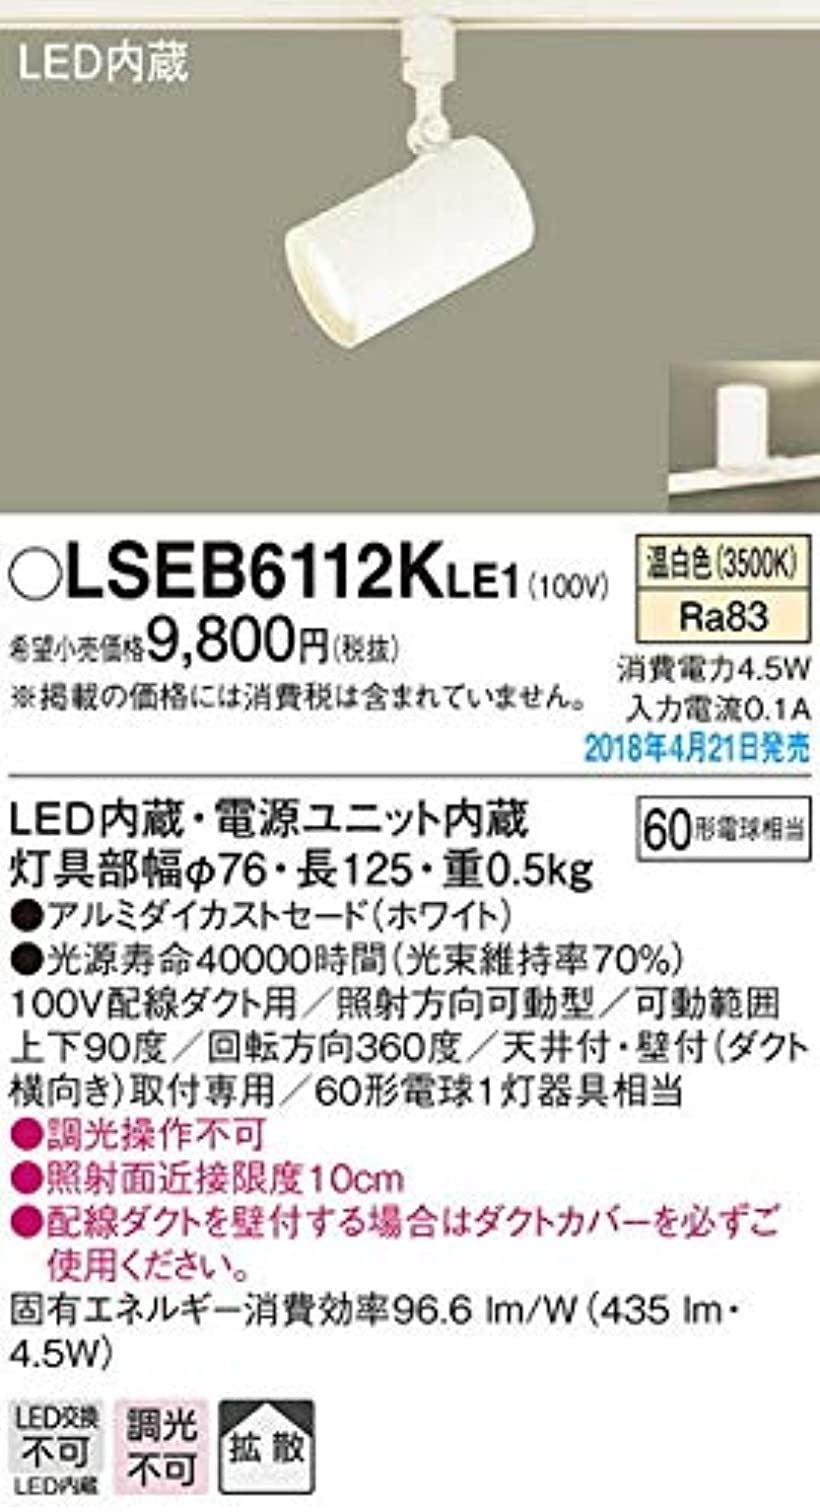 スポットライト LSEB6112KLE1 60形相当 温白色 ホワイト